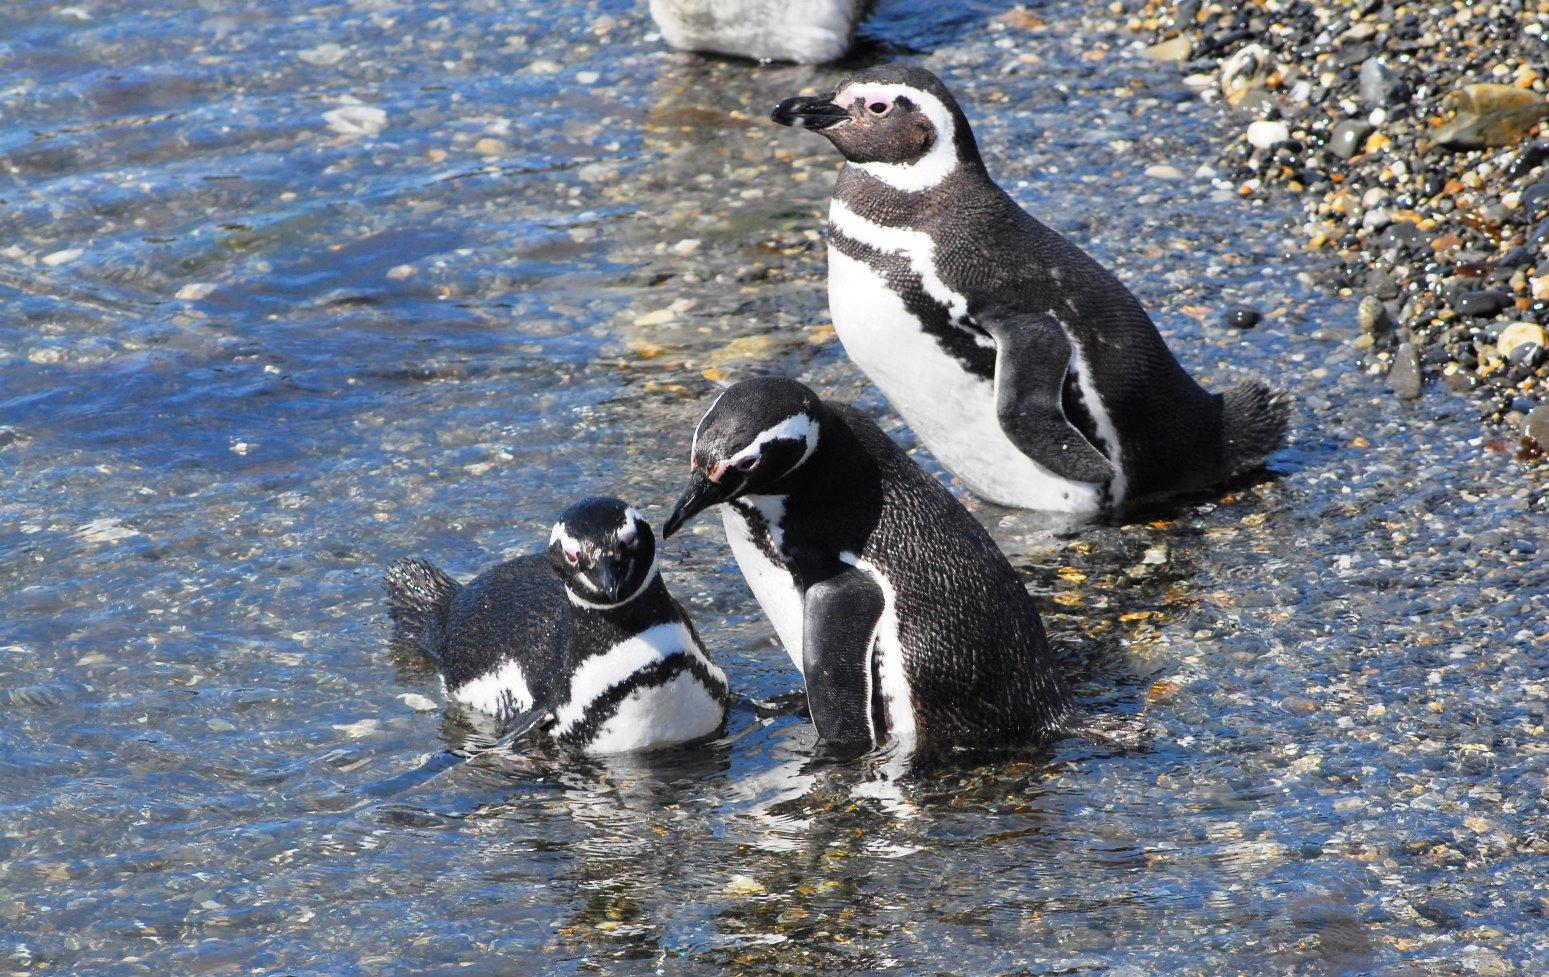 ビーグル水道クルーズでのマゼランペンギン